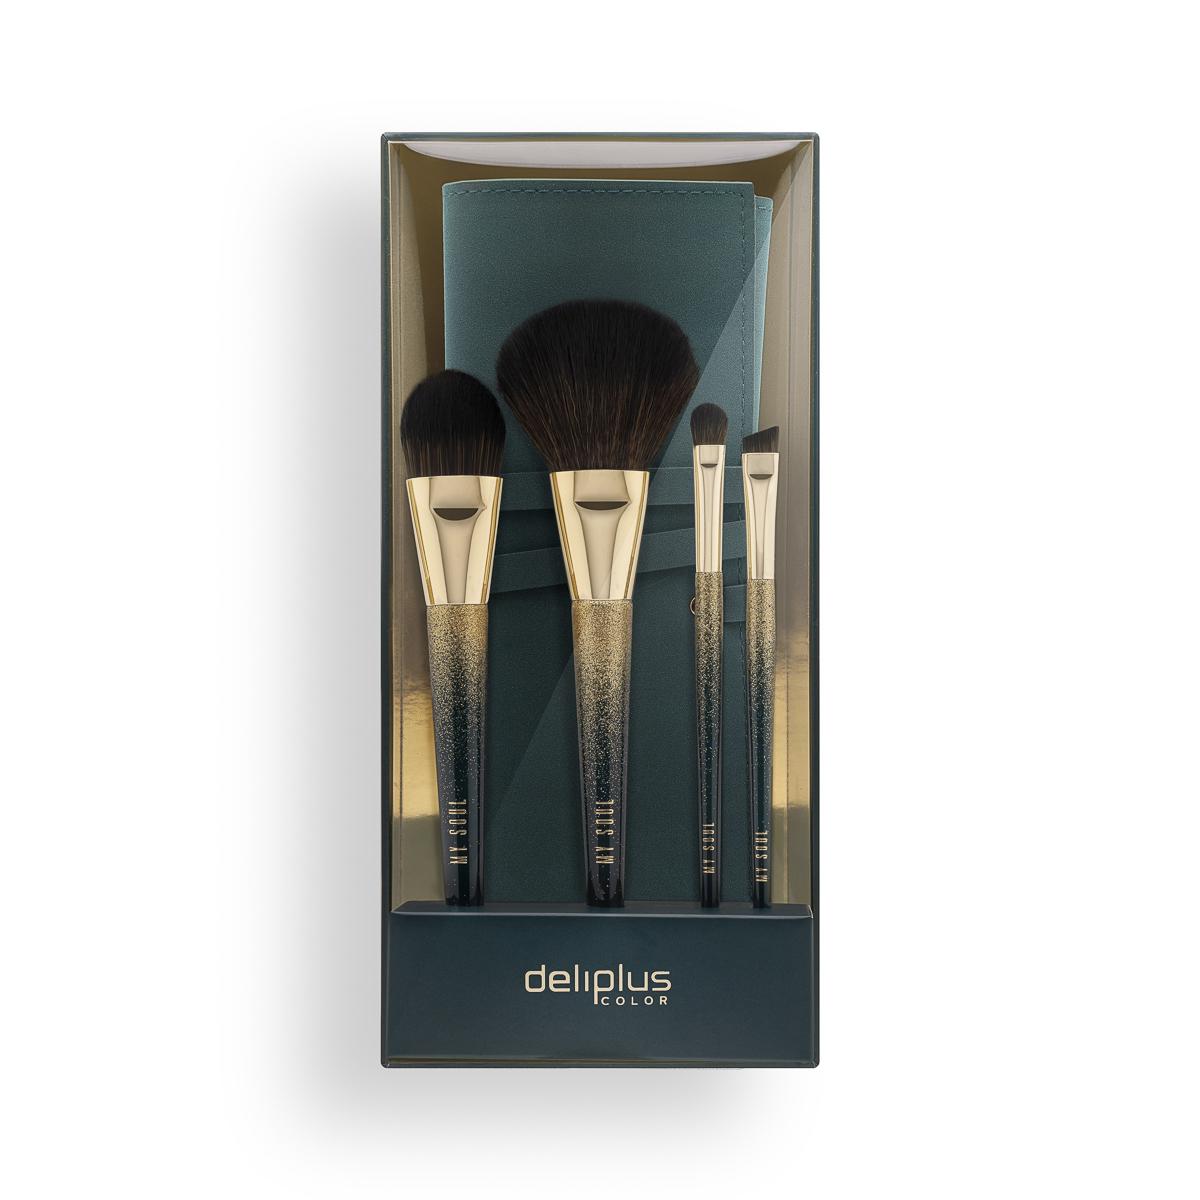 Fotografía producto, lote maquillaje Deliplus (Mercadona)